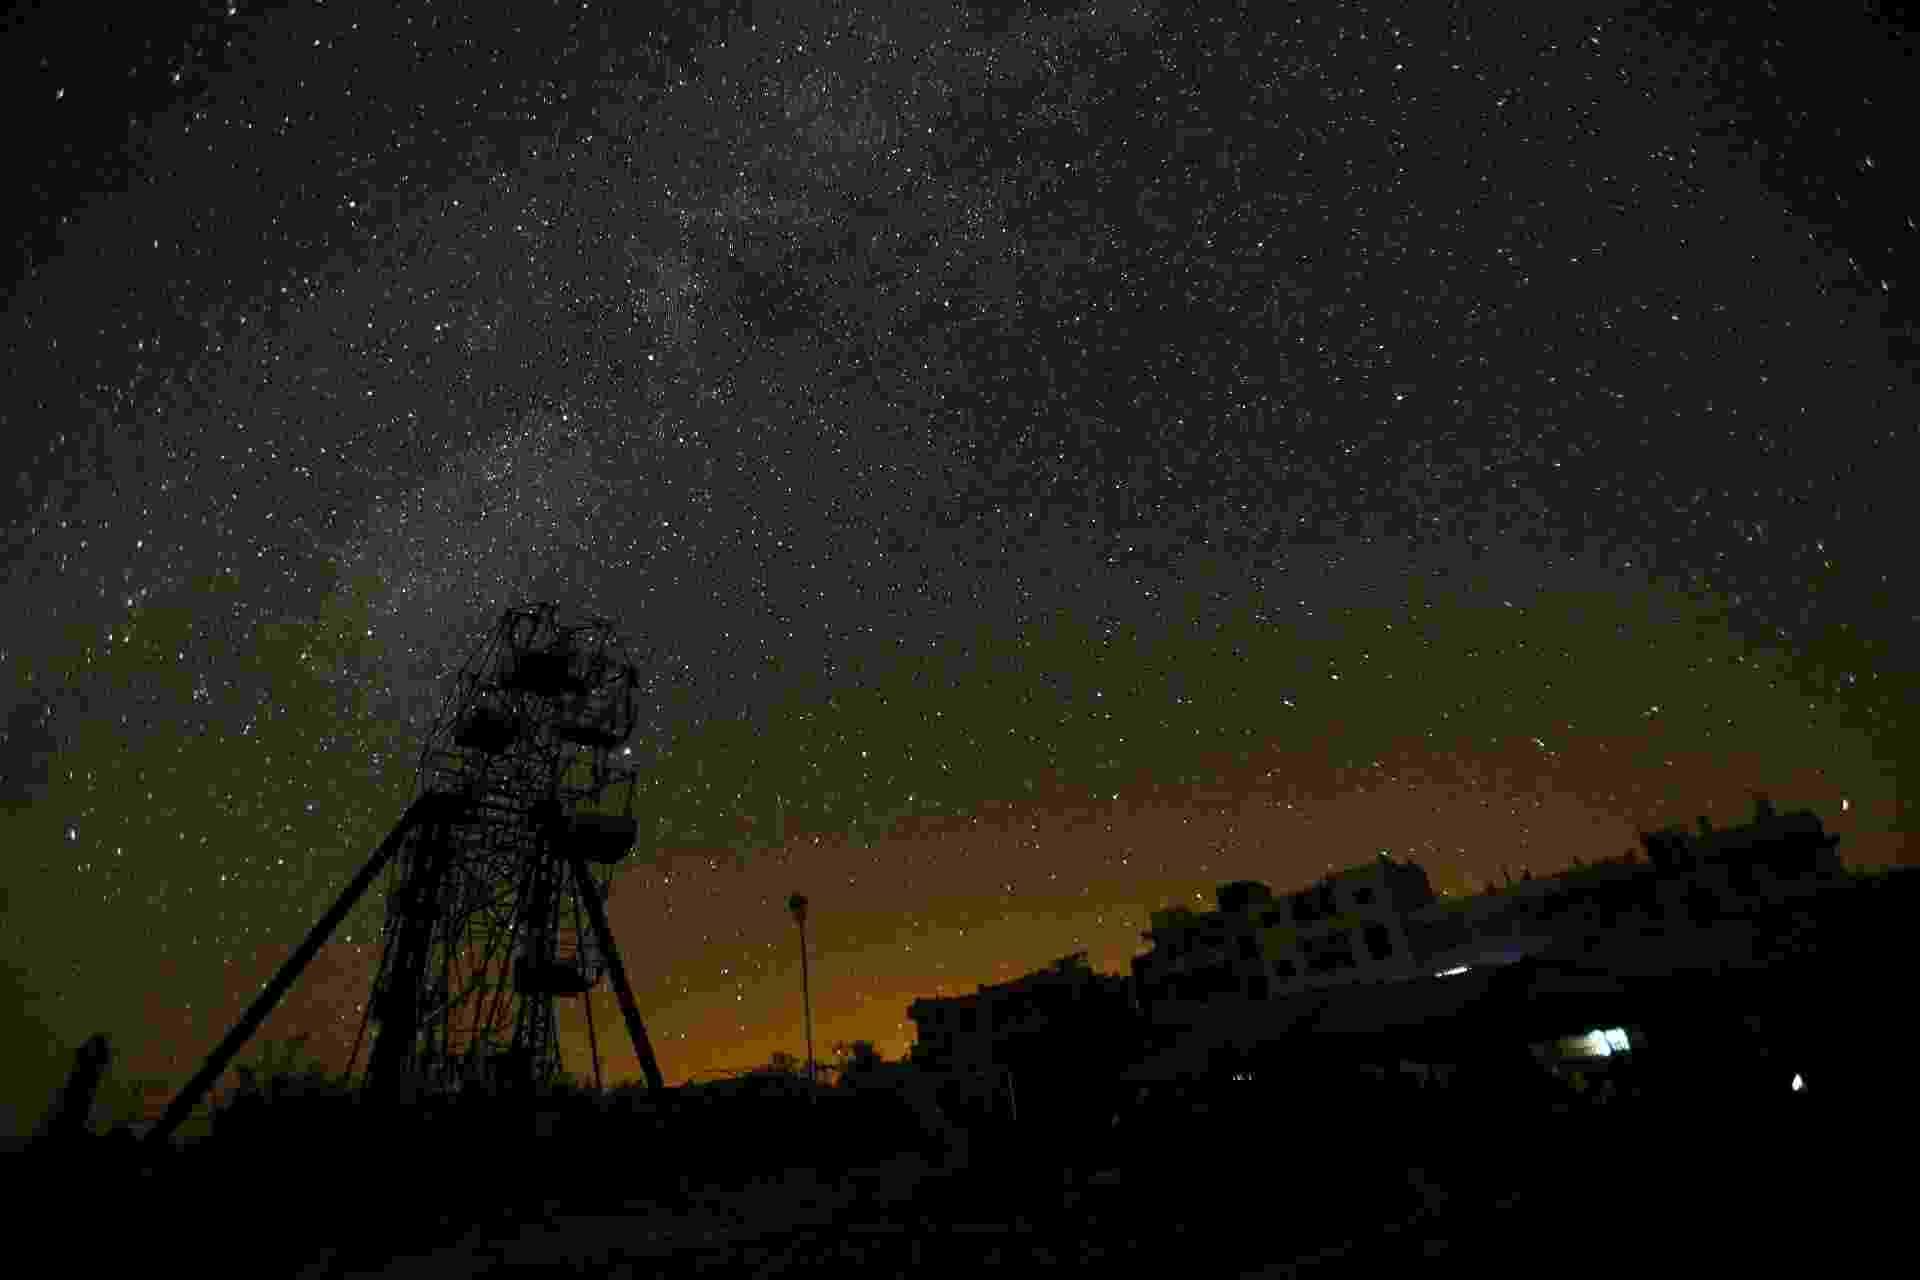 Céu estrelado em Idlib, na Síria - Ammar Abdullah/Reuters